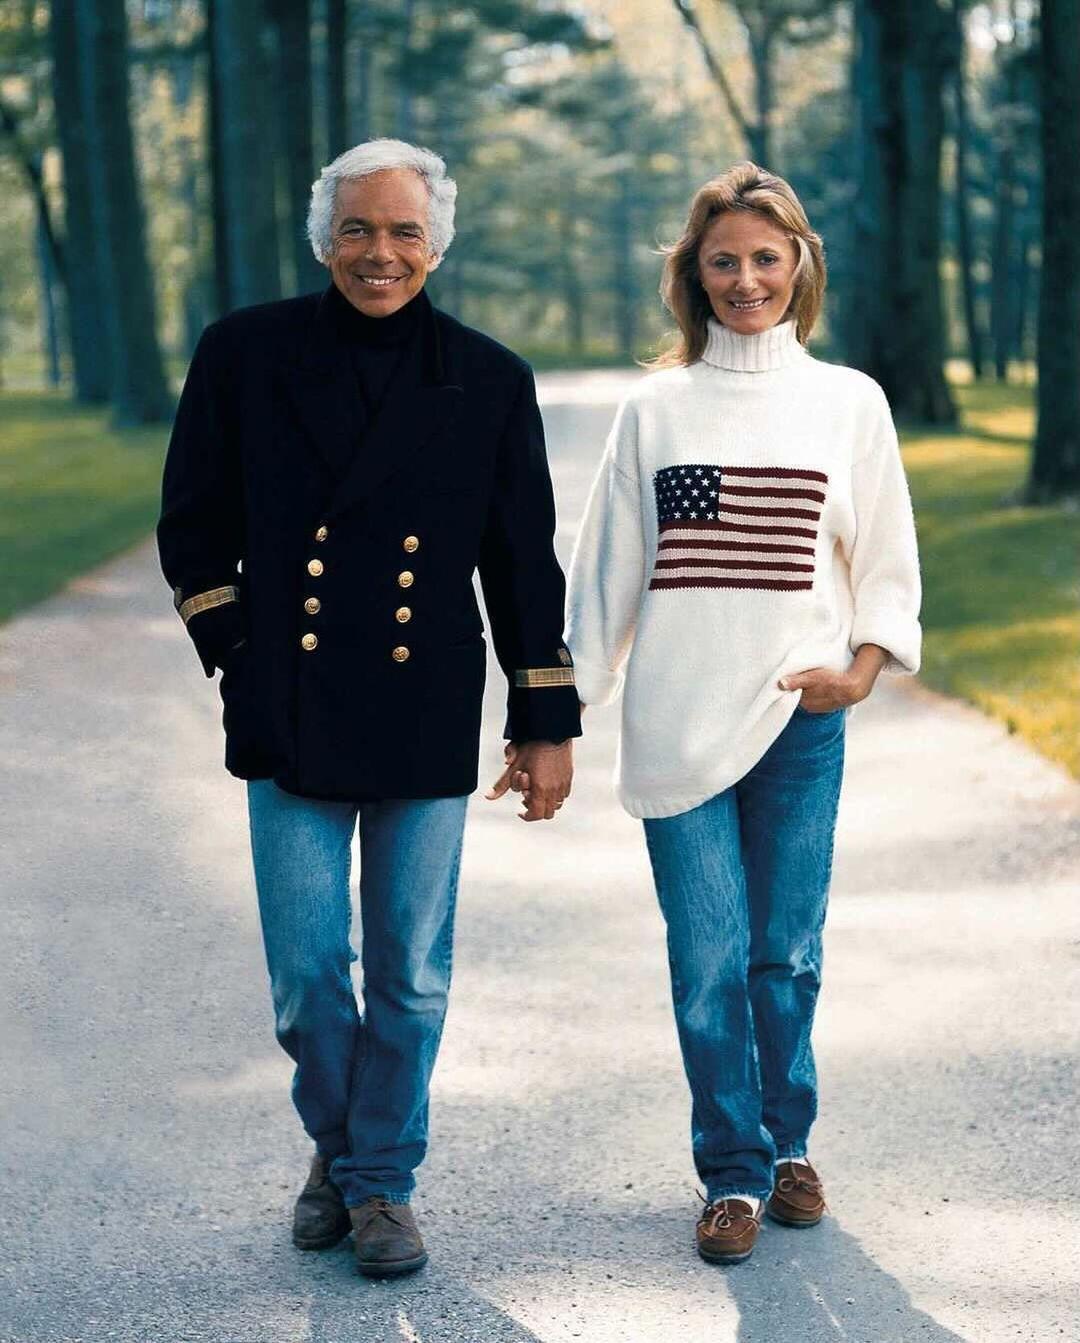 Ralph Lauren with his wife